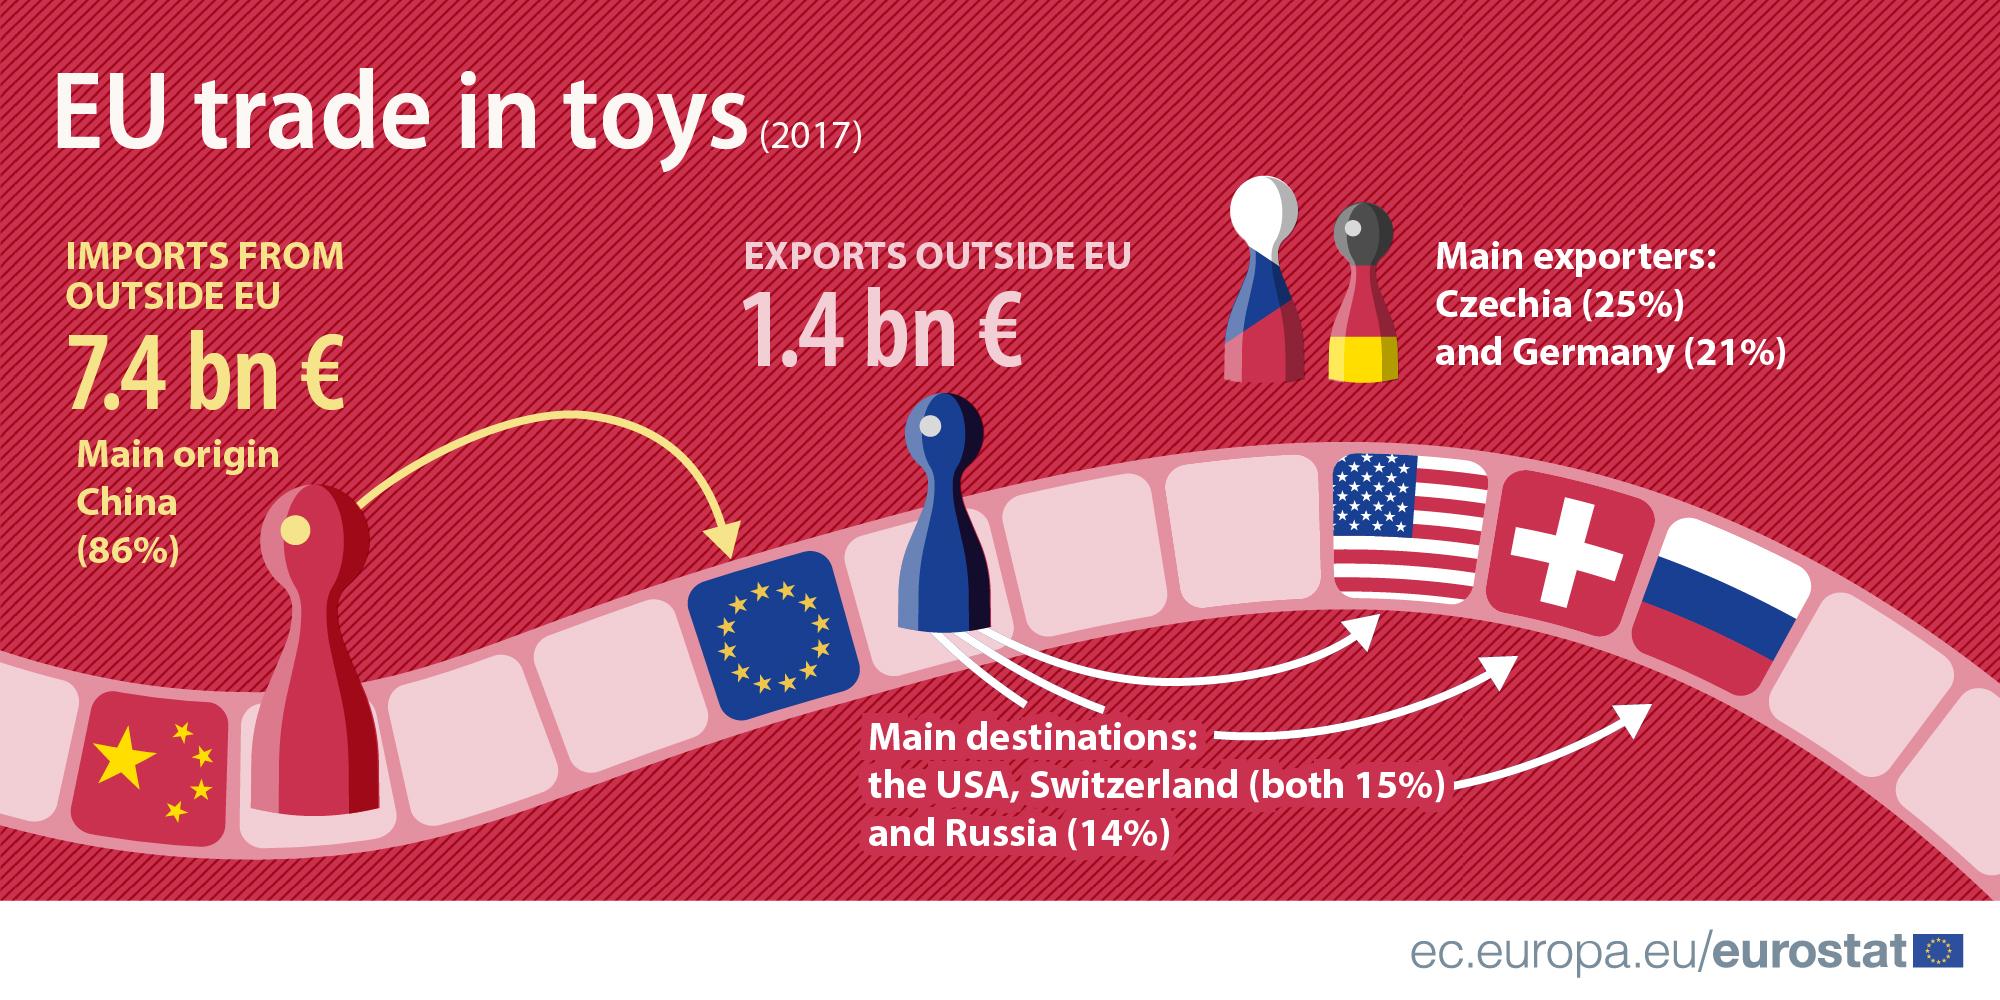 EU trade in toys 2017